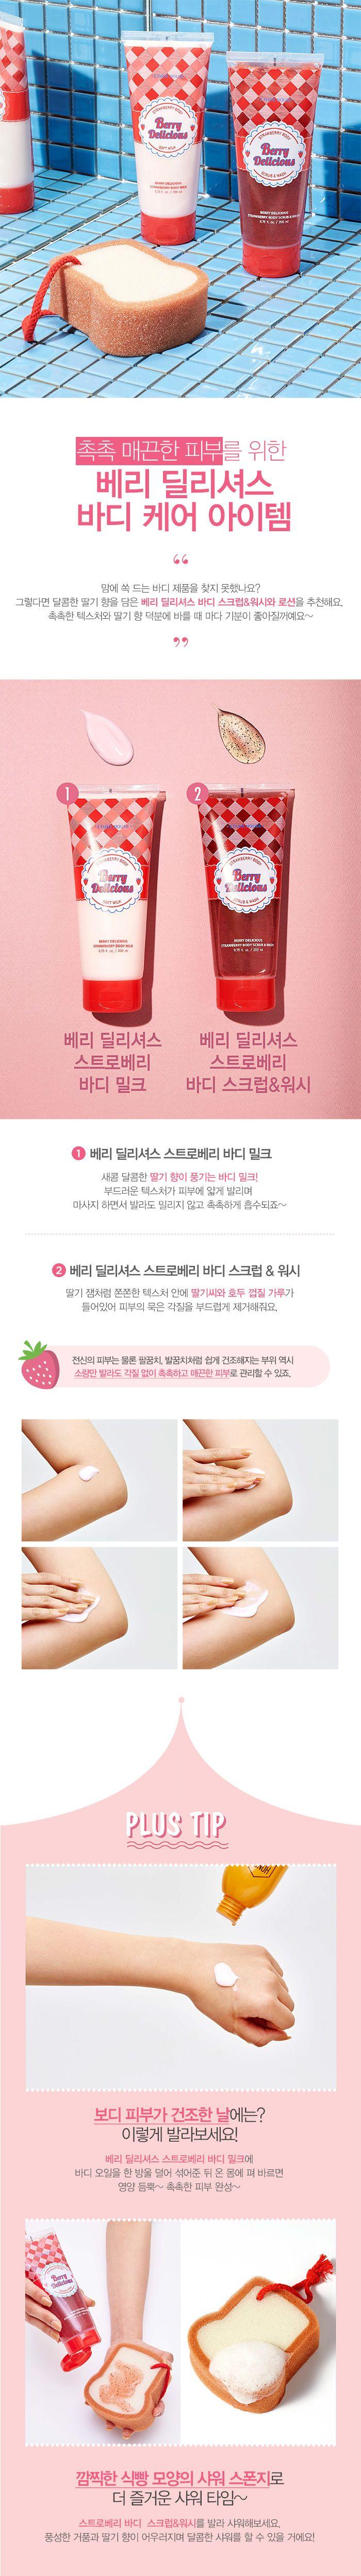 뷰티뉴스│에뛰드